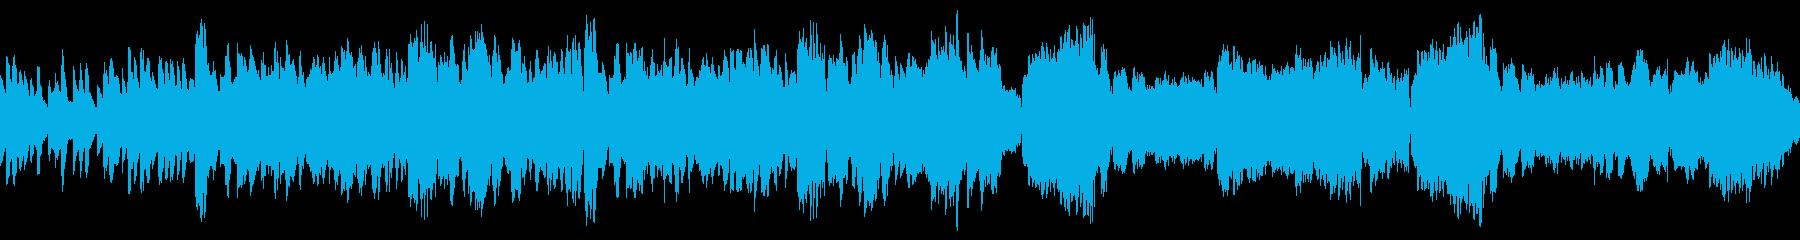 ループ可能な優しいフルートのBGMの再生済みの波形